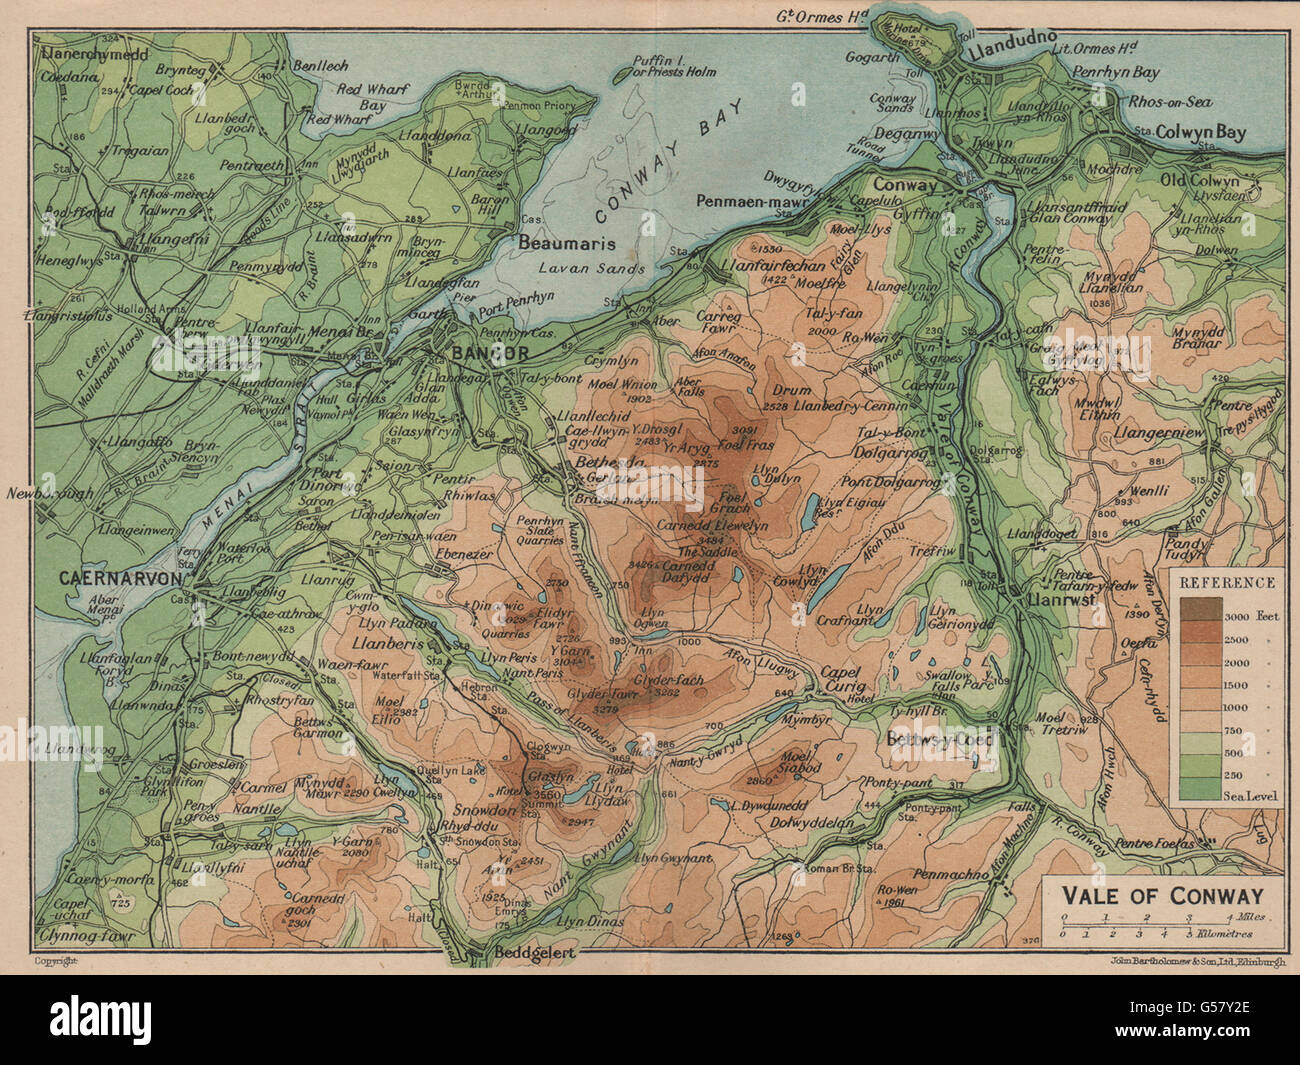 Wales 1910 Llandudno Llanwrst Betws-y-Coed CONWY VALLEY topo-map CONWAY